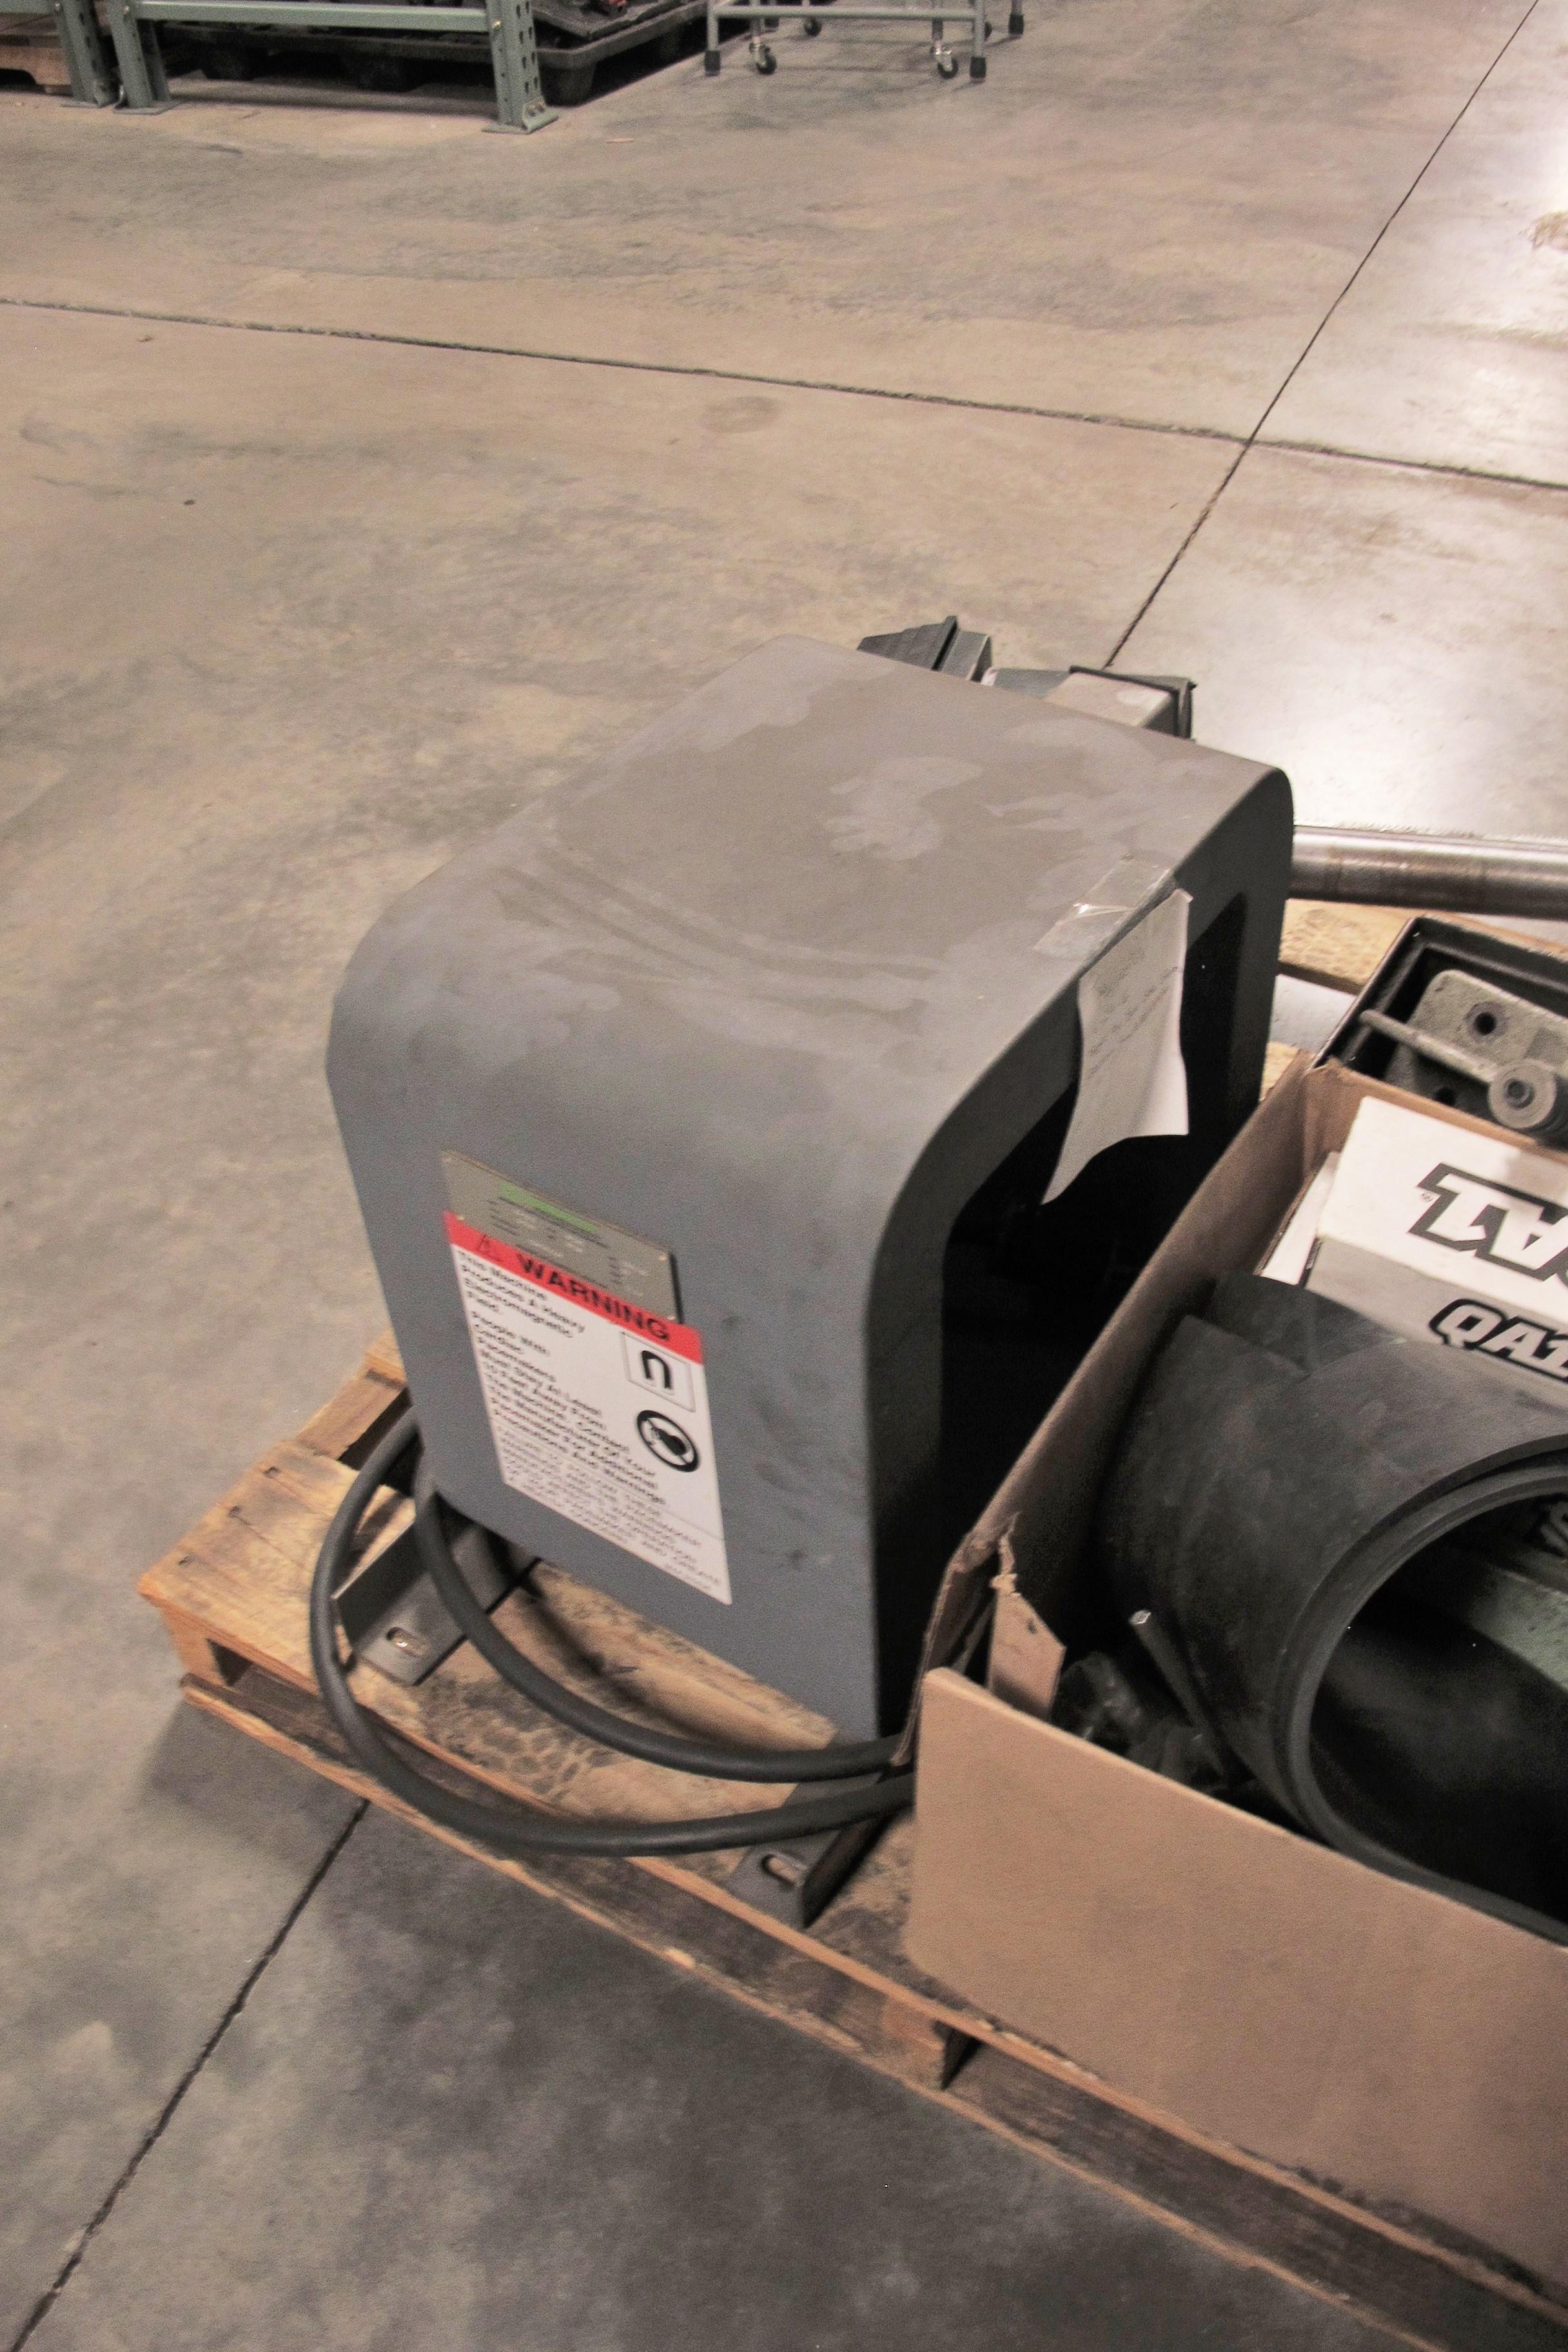 Used Maganaflux S-1212 Demag Coil 230V Or 460V/50-60/1 17444